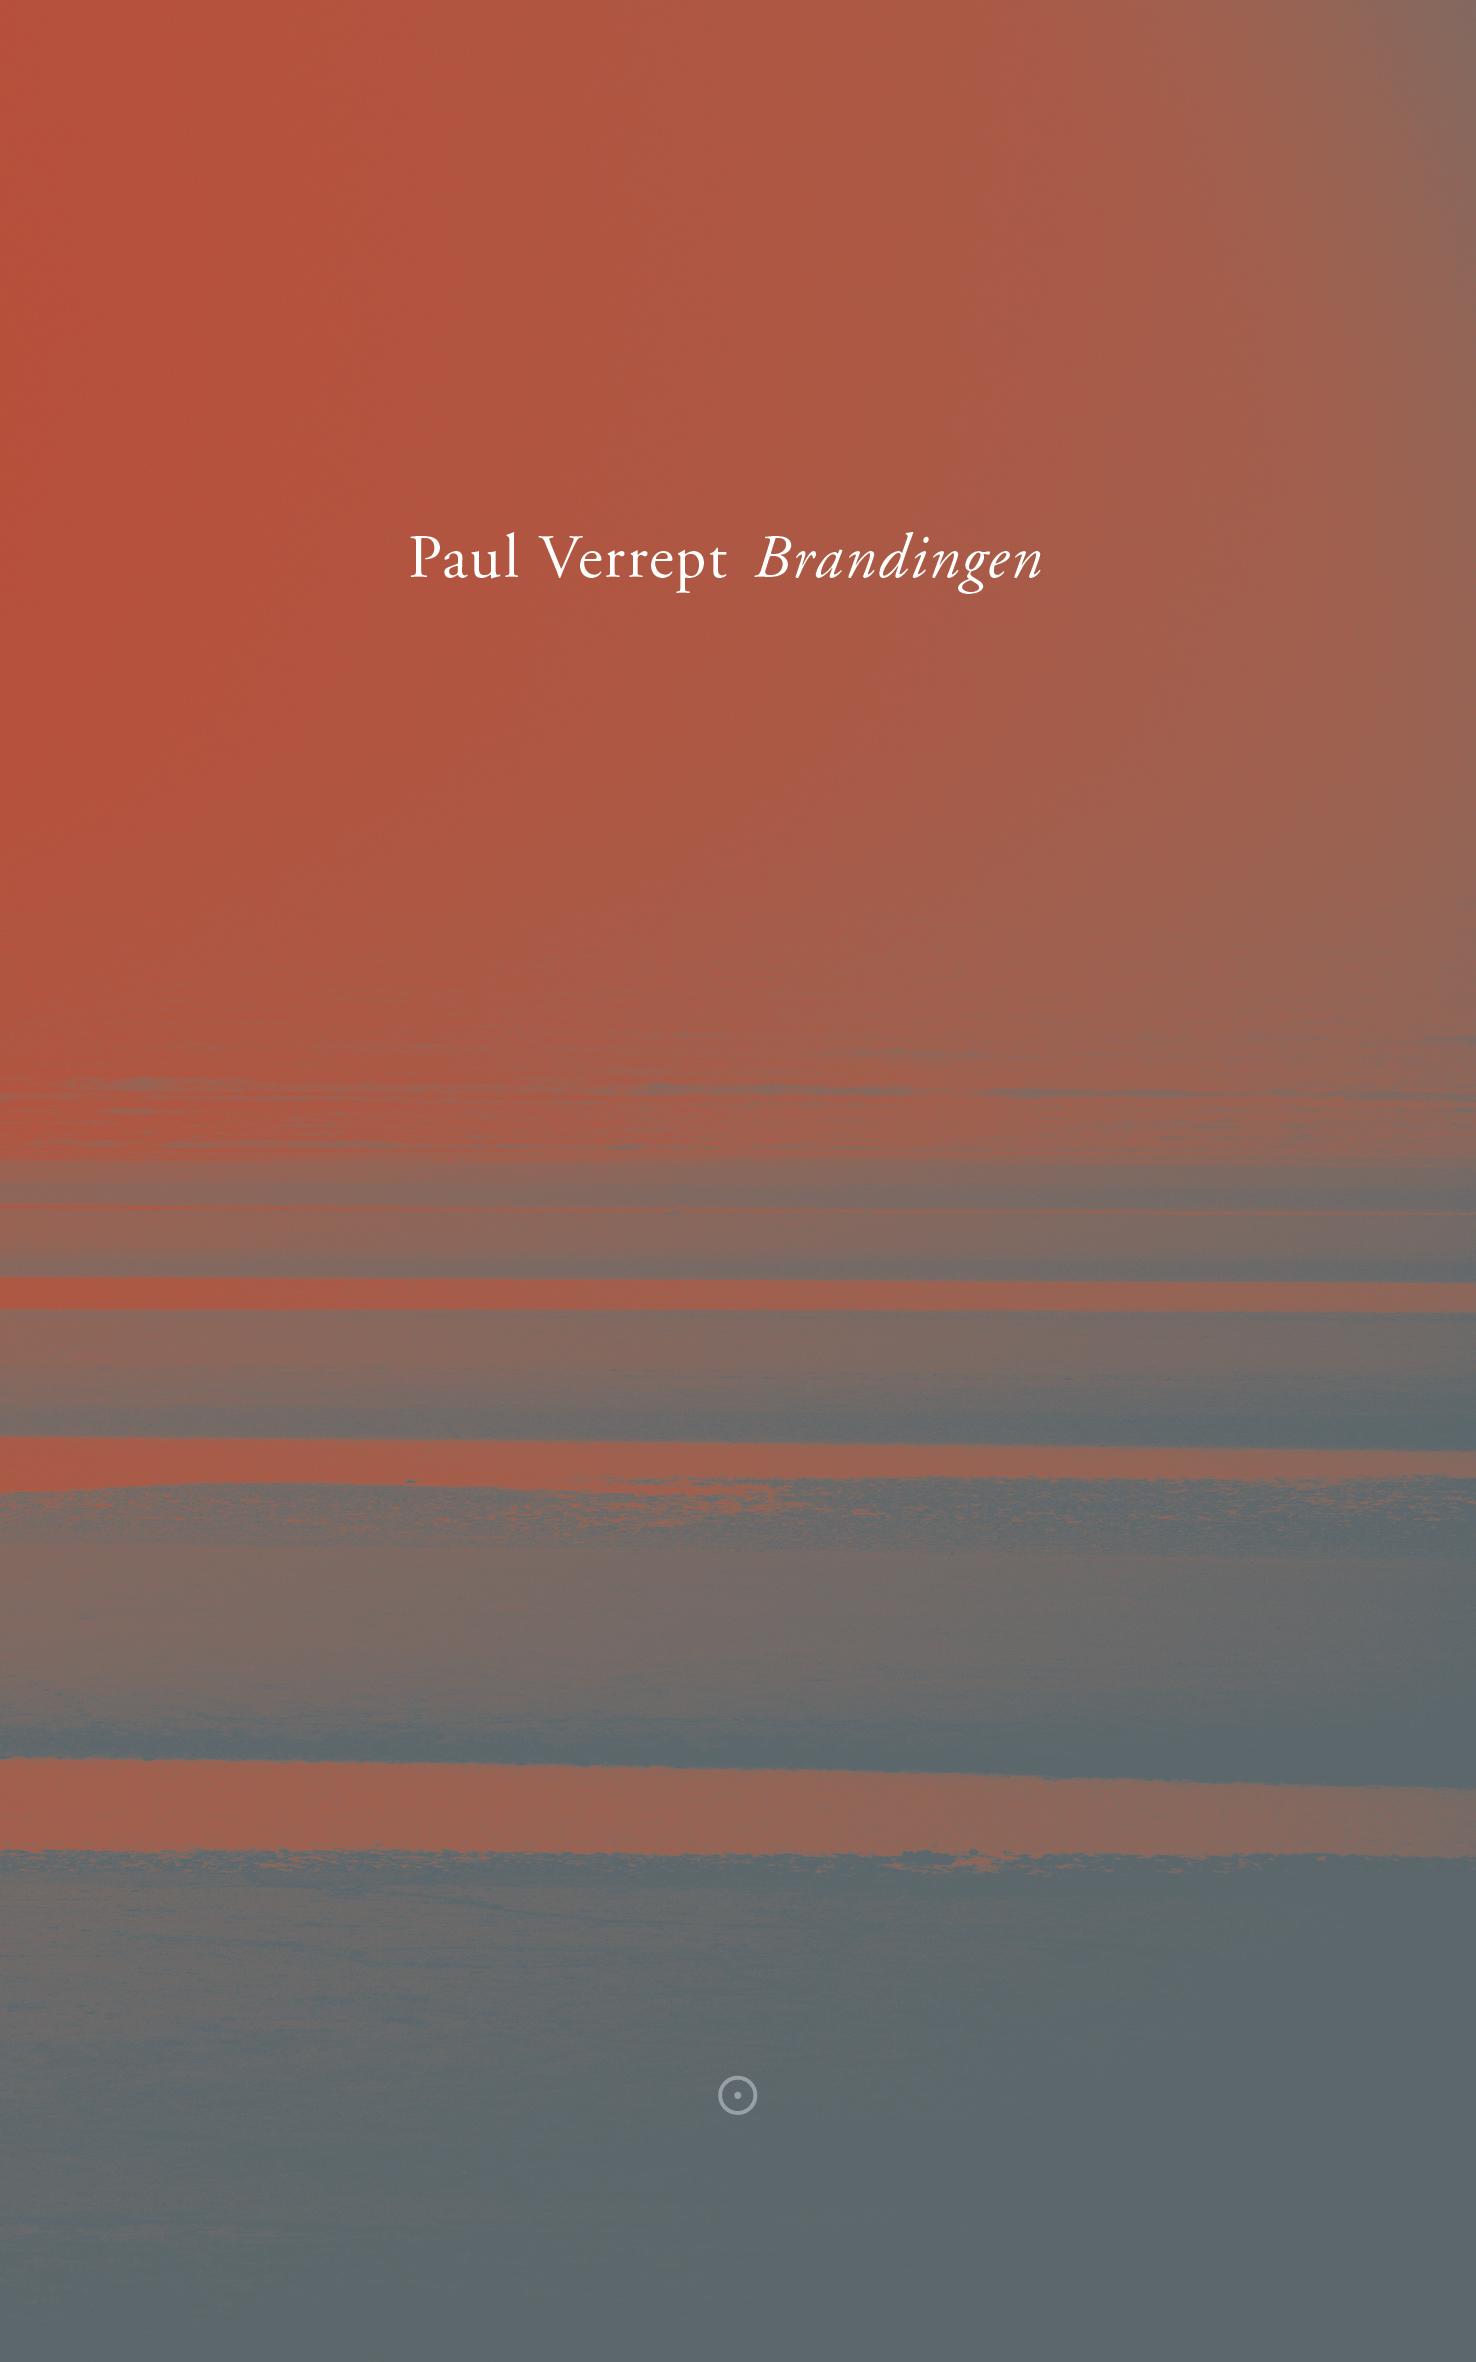 Brandingen – Paul Verrept